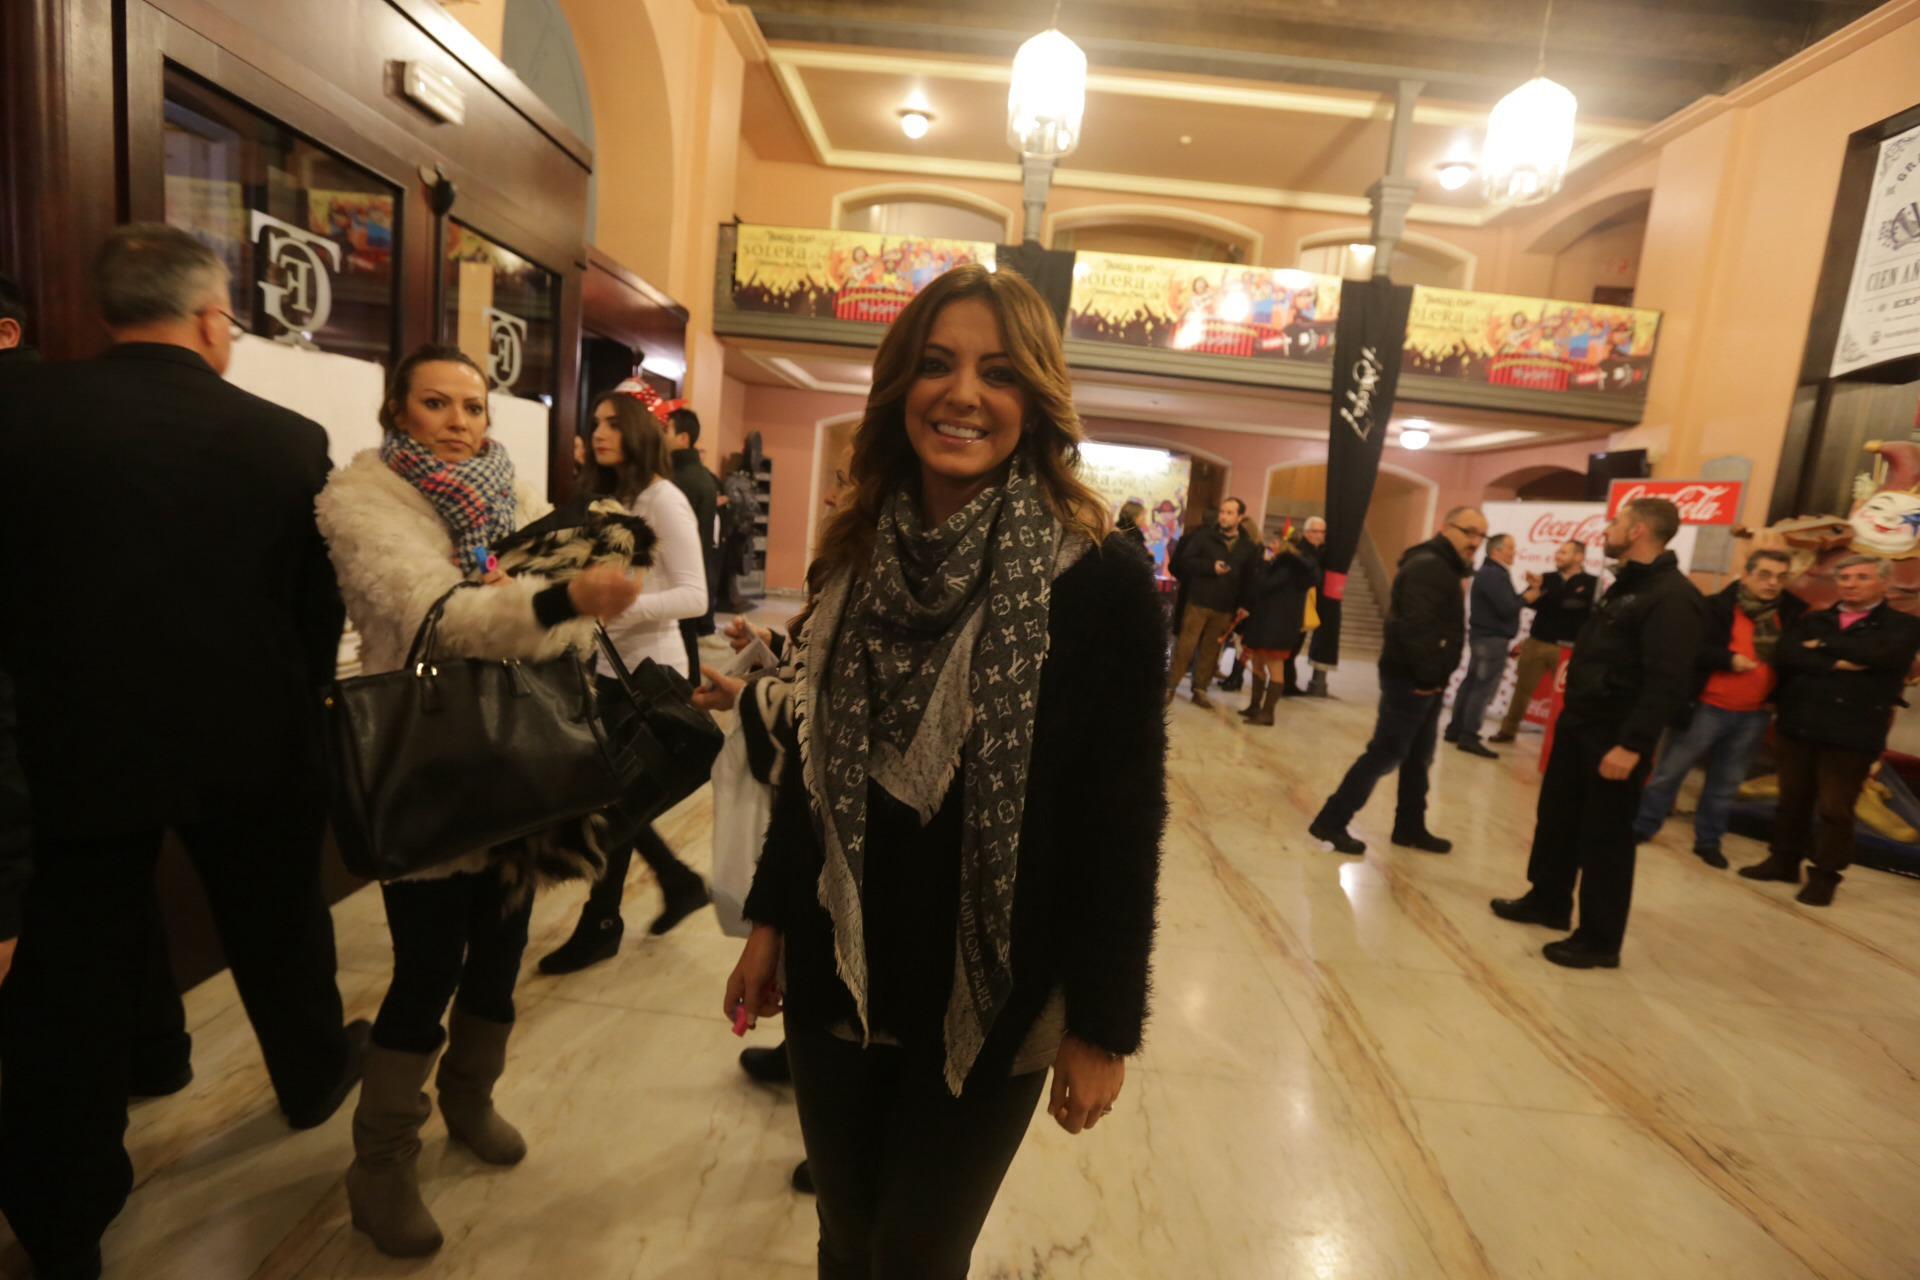 La sociedad gaditana se da cita en la Final del Concurso del Carnaval de Cádiz